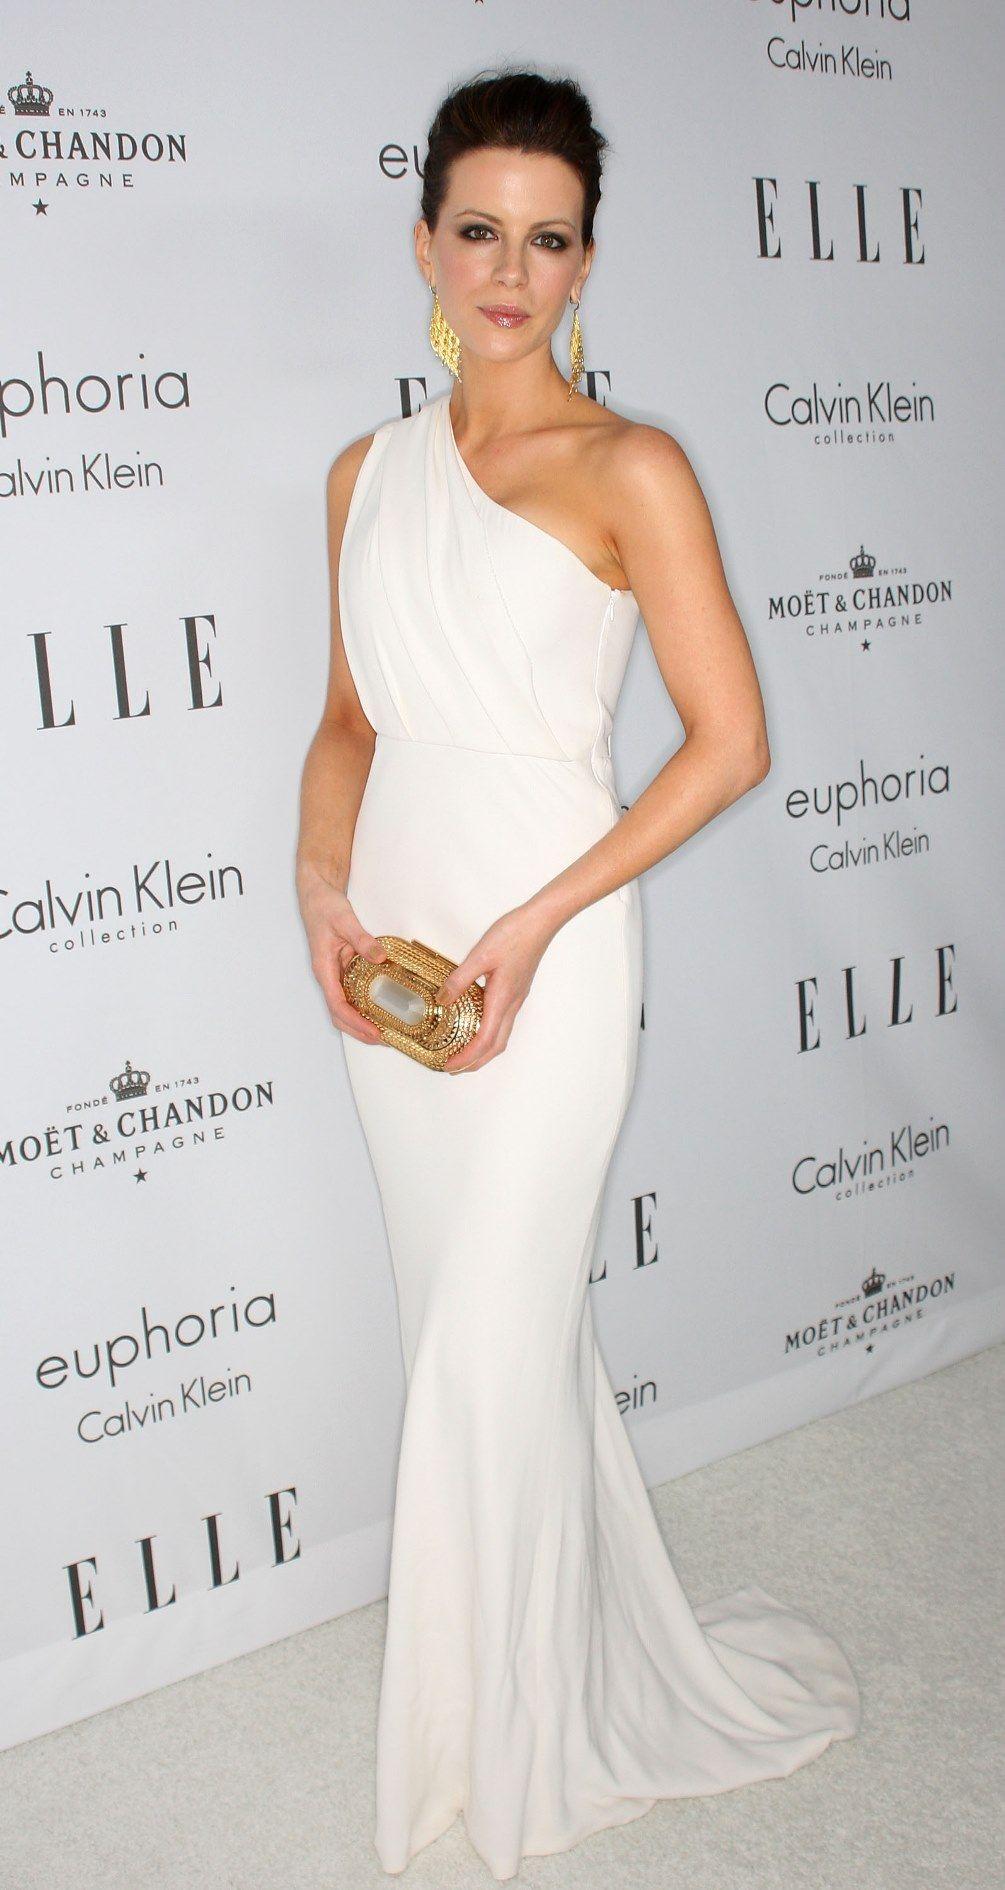 Pin von Fashion Dolling auf Kate Beckinsale | Pinterest